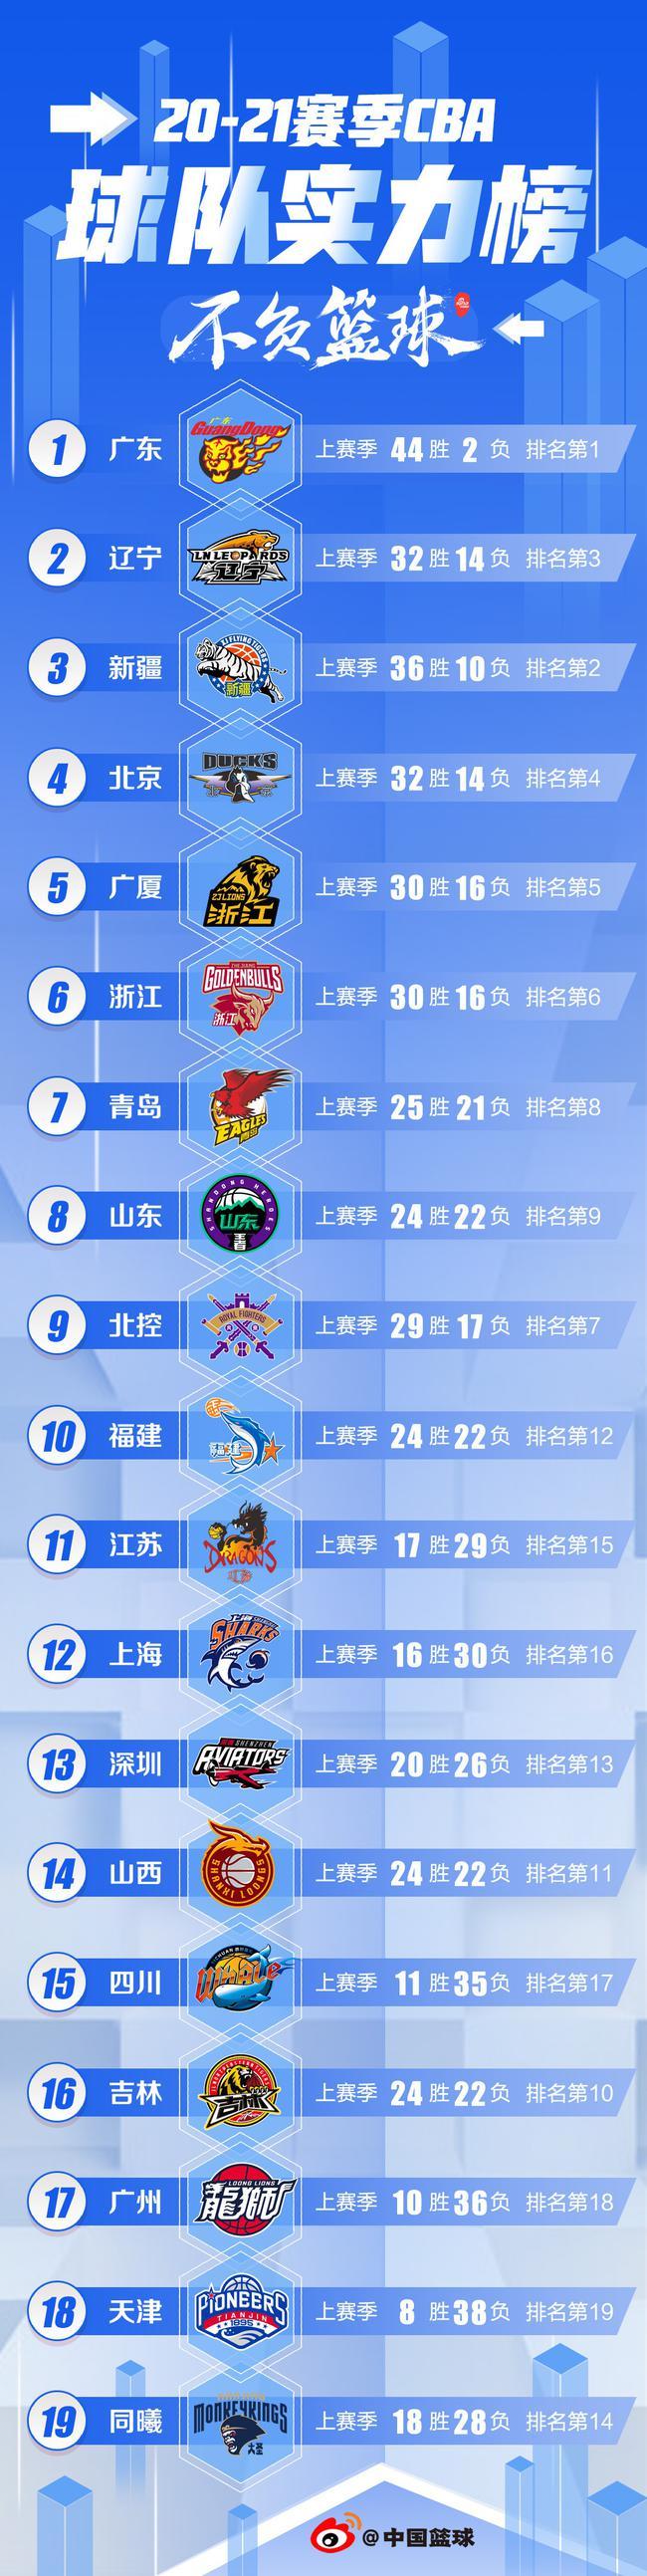 20-21赛季CBA球队实力榜:广东辽宁新疆分列前3